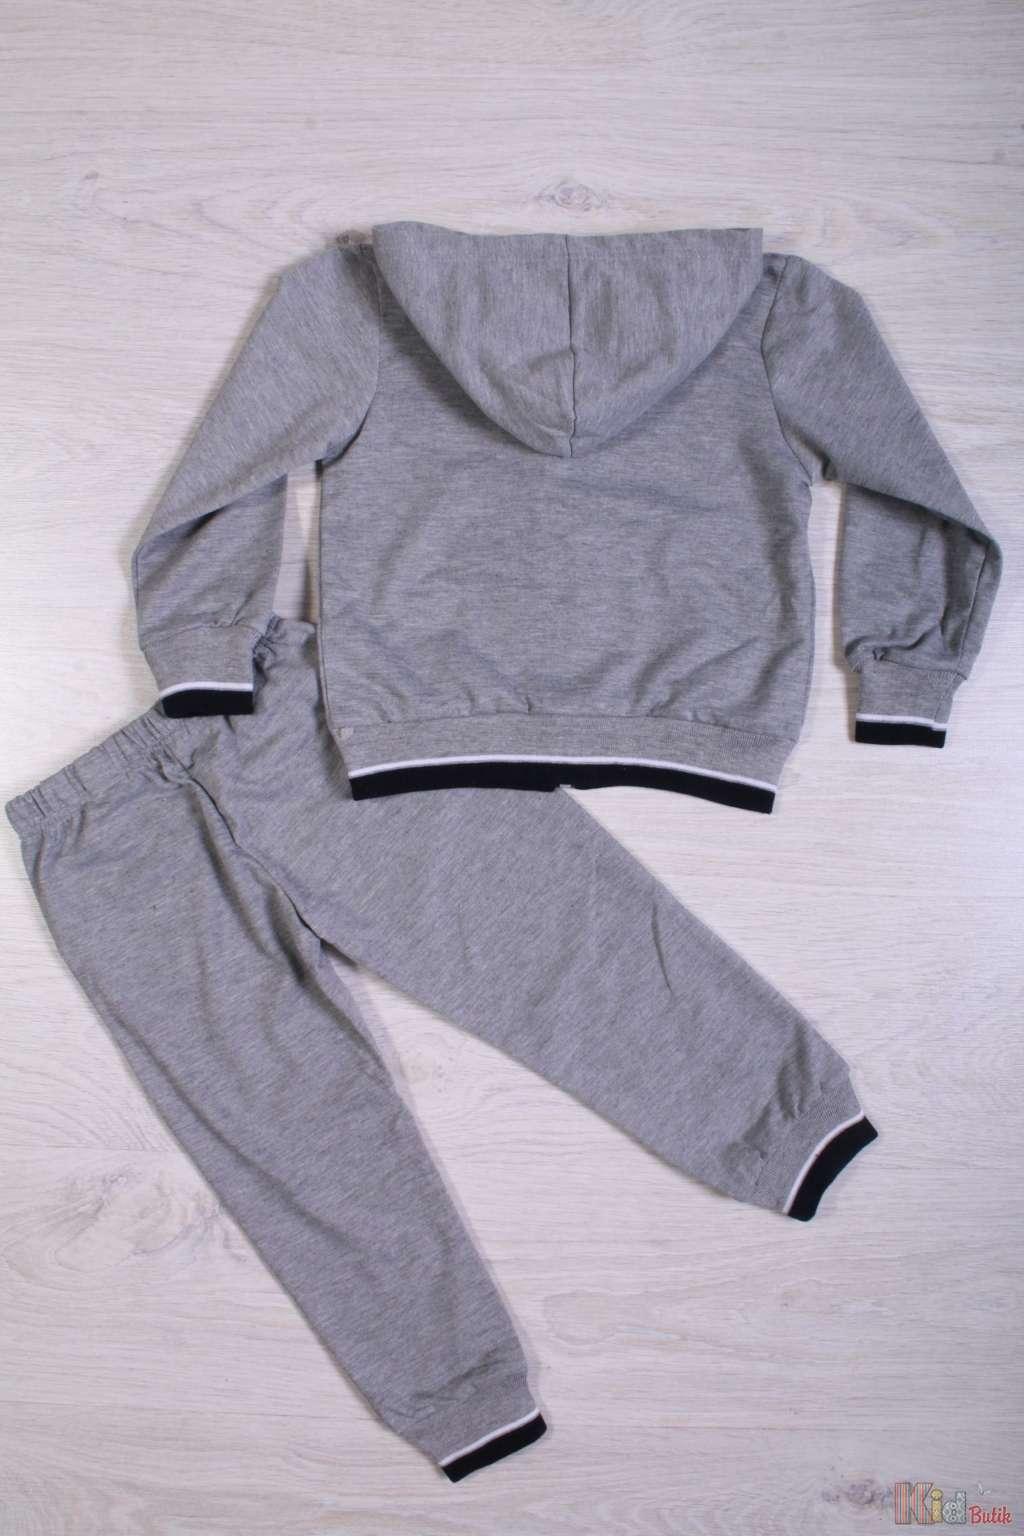 ... Спортивный костюм сірого кольору для хлопчика No name У15-8 З ... 1294a4206e929